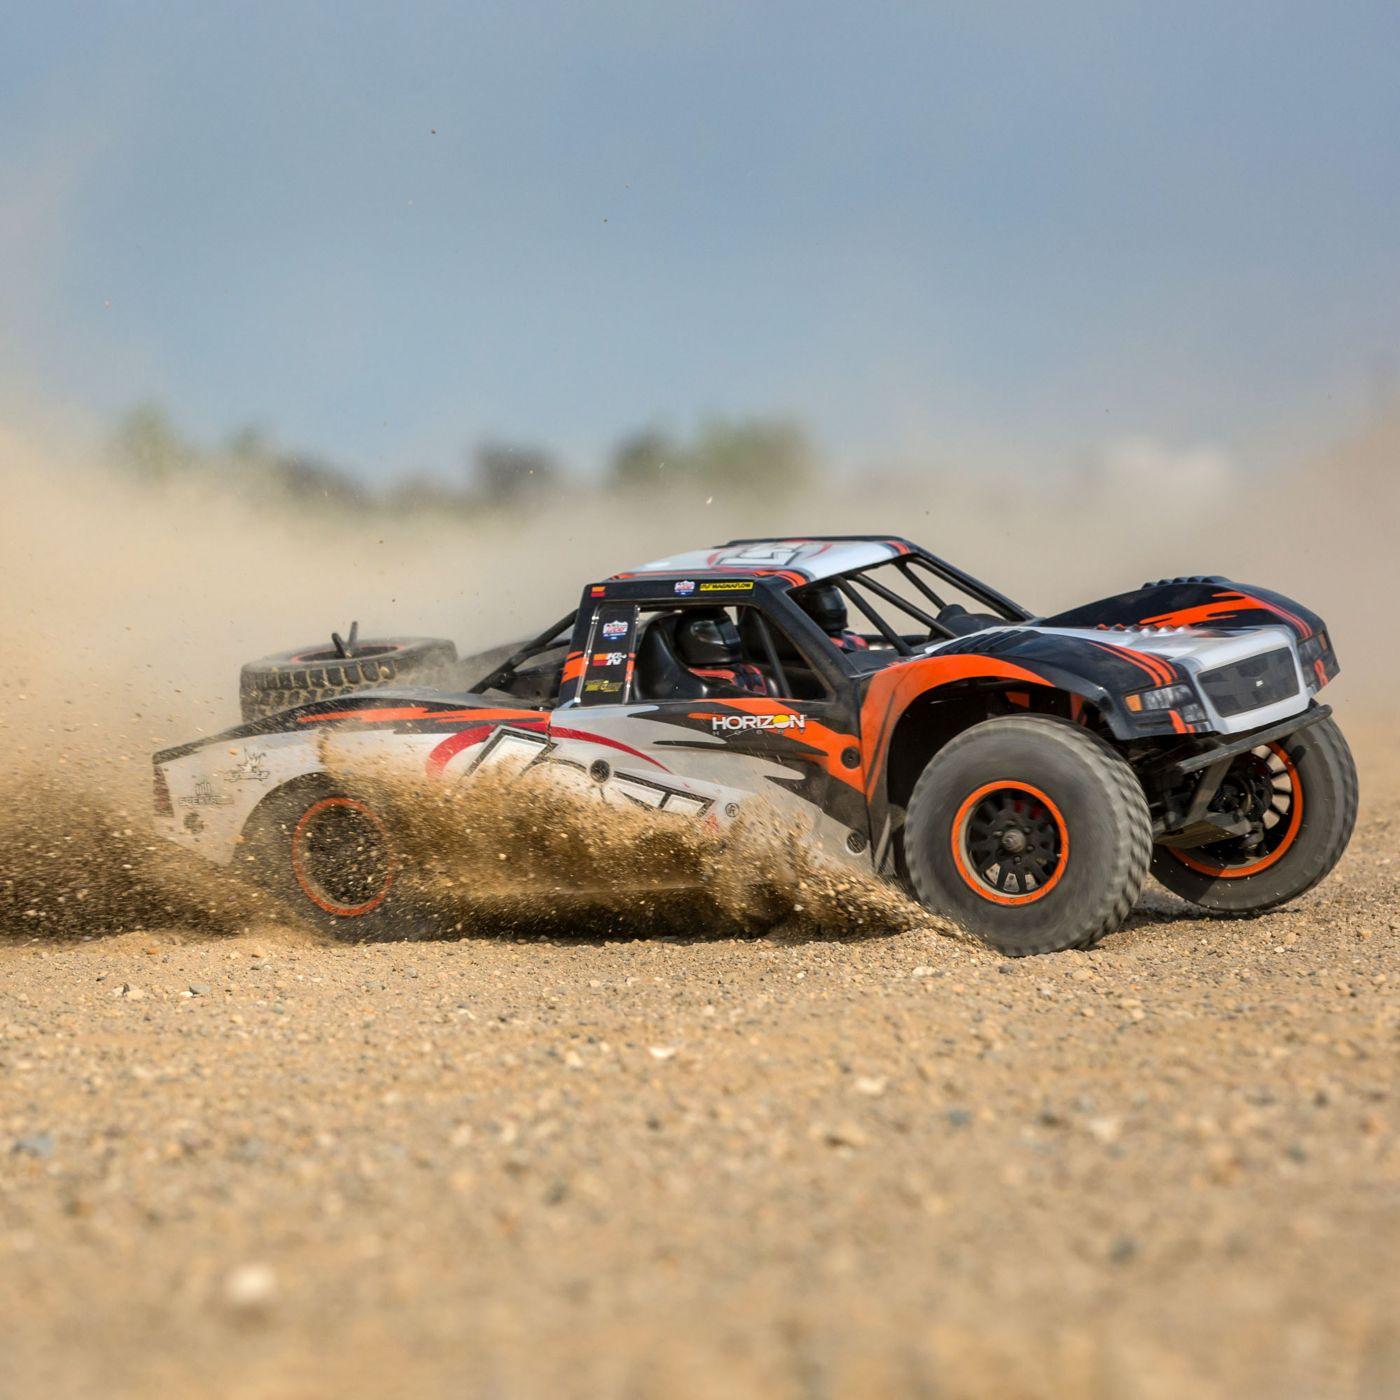 Losi Baja Rey Desert Racer brushless bnd 5